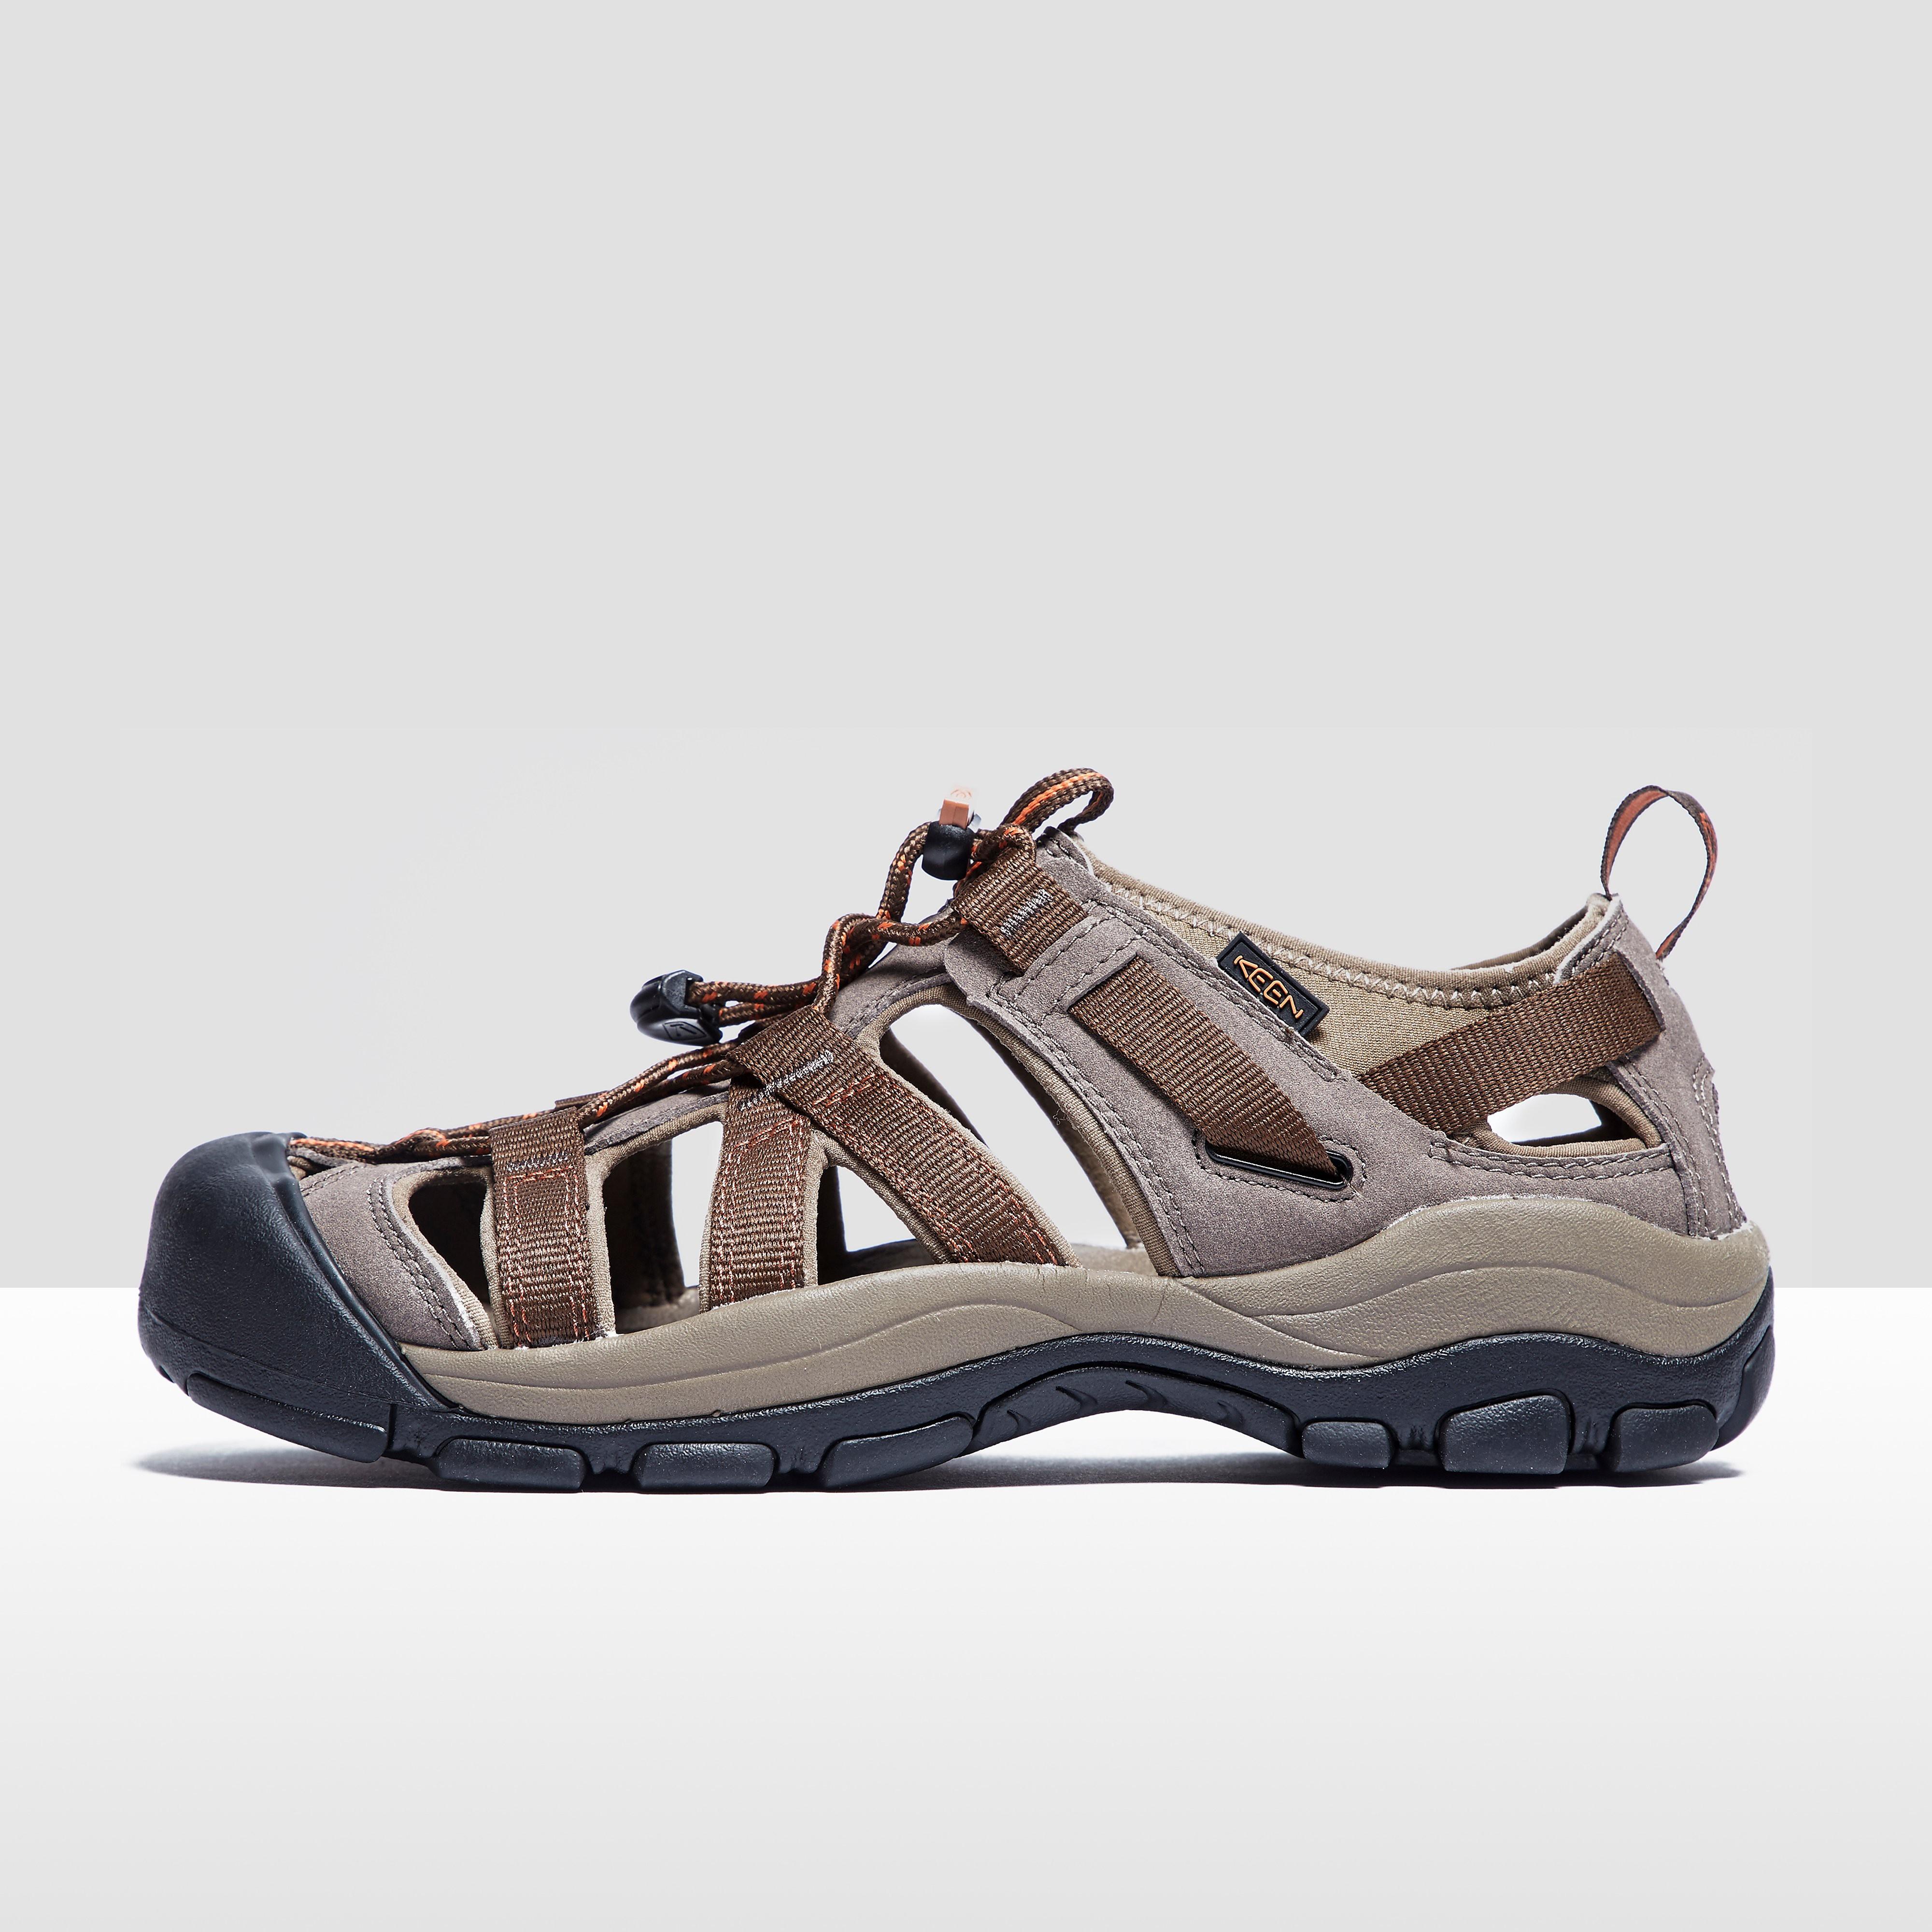 Keen Owyhee Men's Sandals